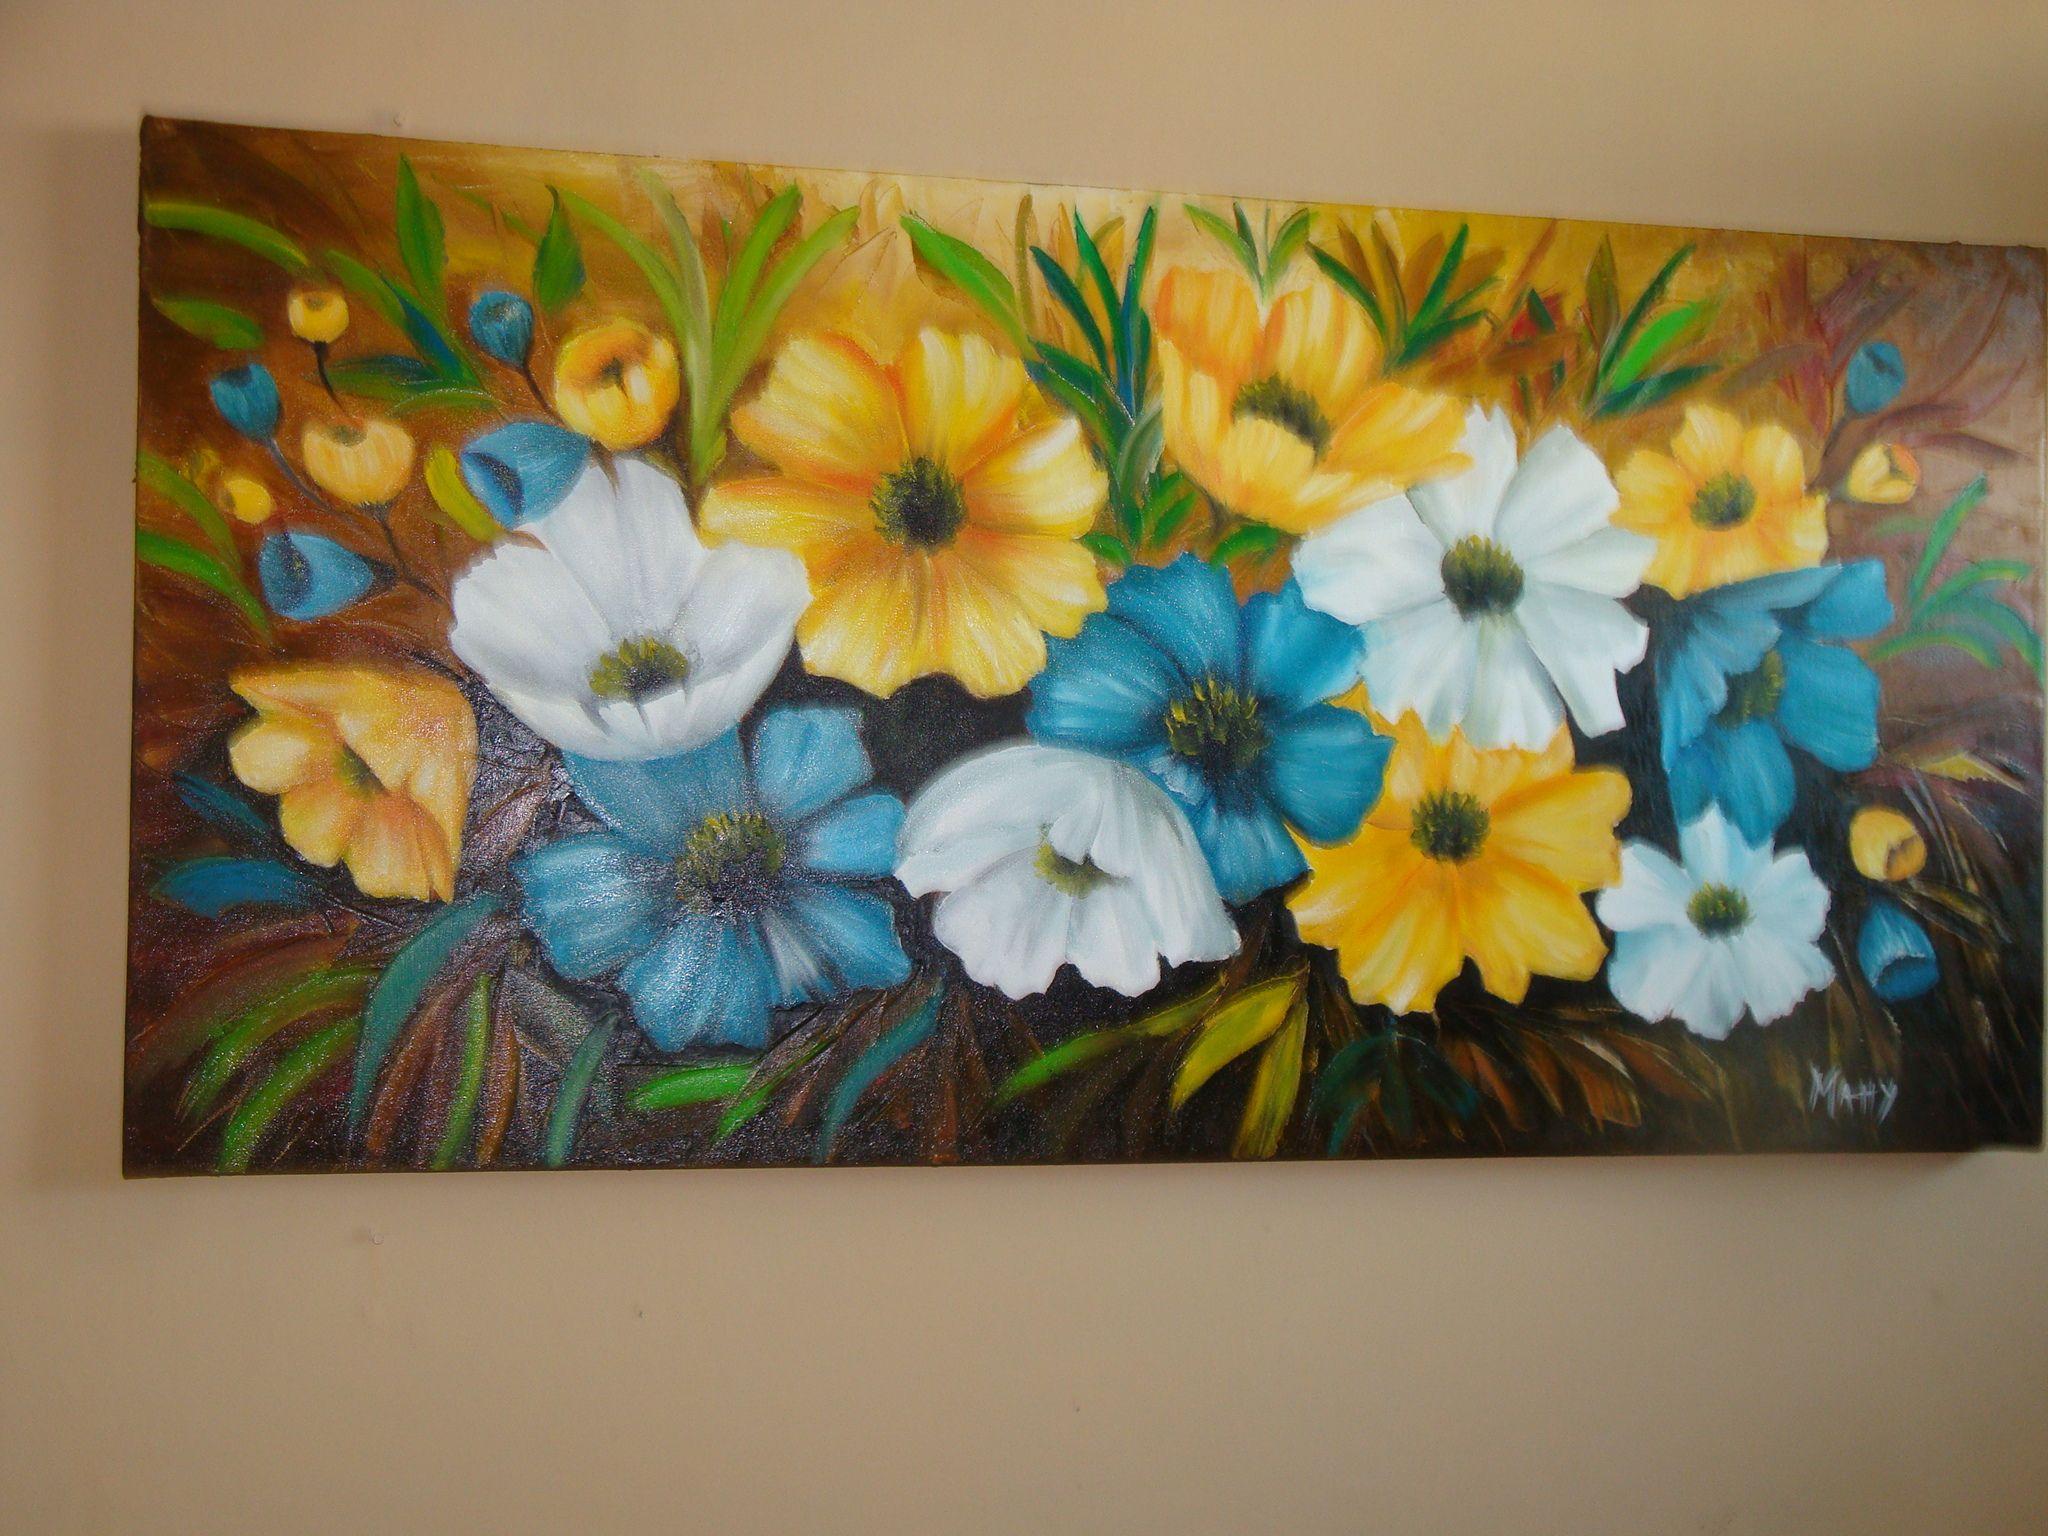 Cuadro pintado al oleo de mi jardin pinturas pinterest - Cuadros de pintura ...